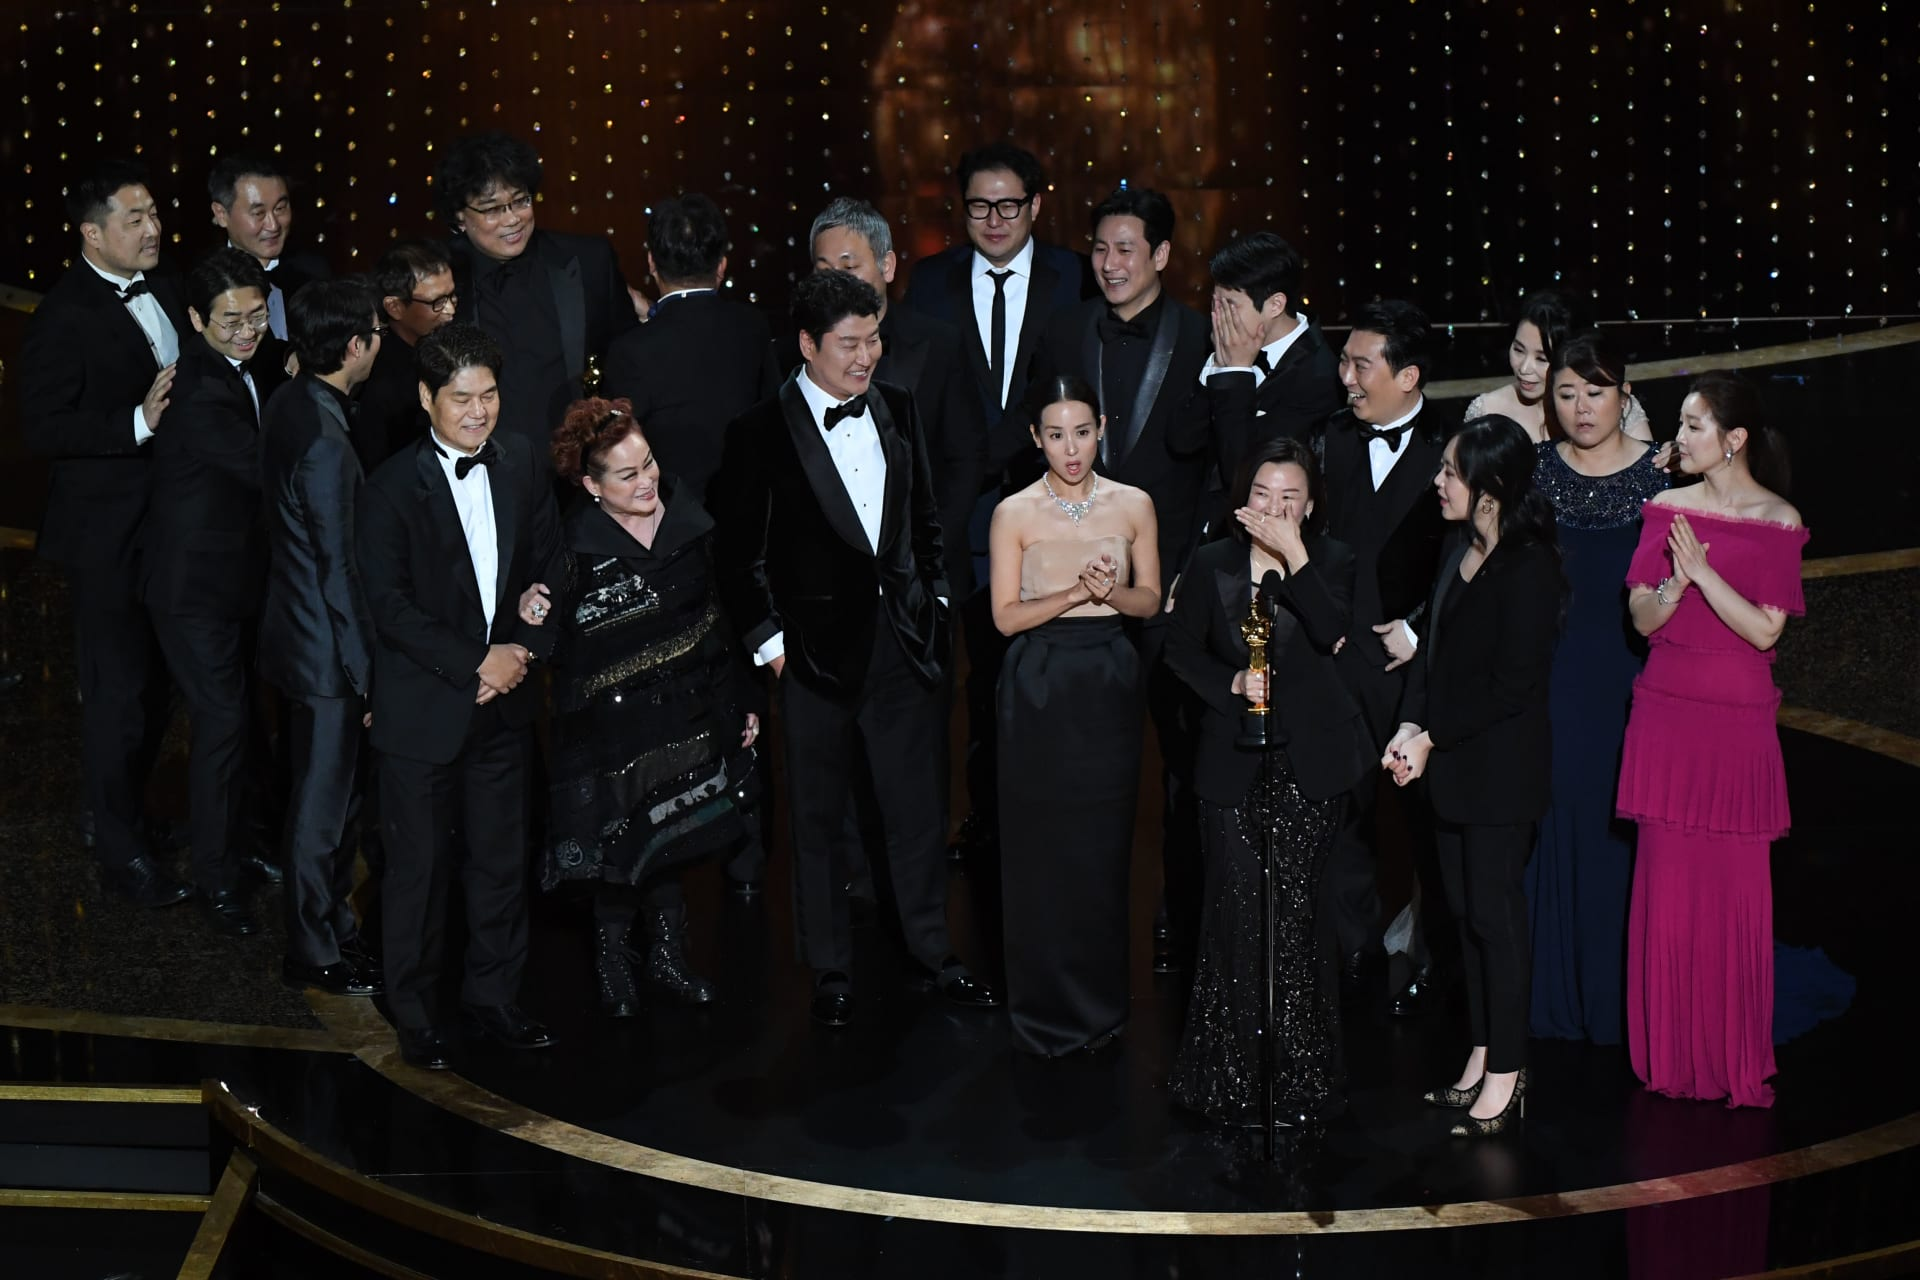 """""""باراسايت"""" يفوز بجائزة الأوسكار كأفضل فيلم للمرة الأولى في التاريخ لفيلم غير ناطق بالإنجليزية"""